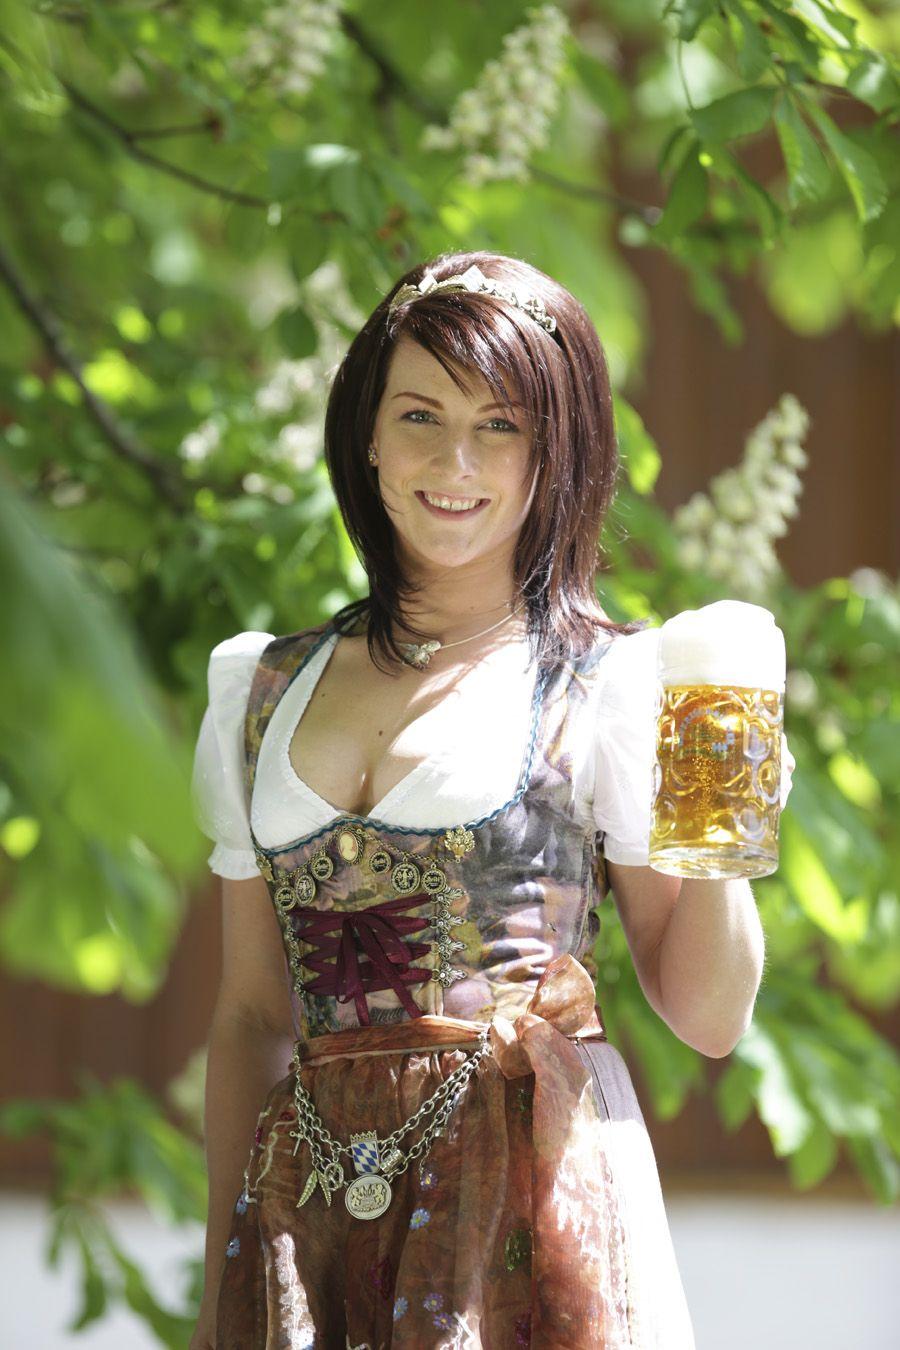 Bayerische Bierkönigin 2012-2013 Barbara Hostmann (Lola